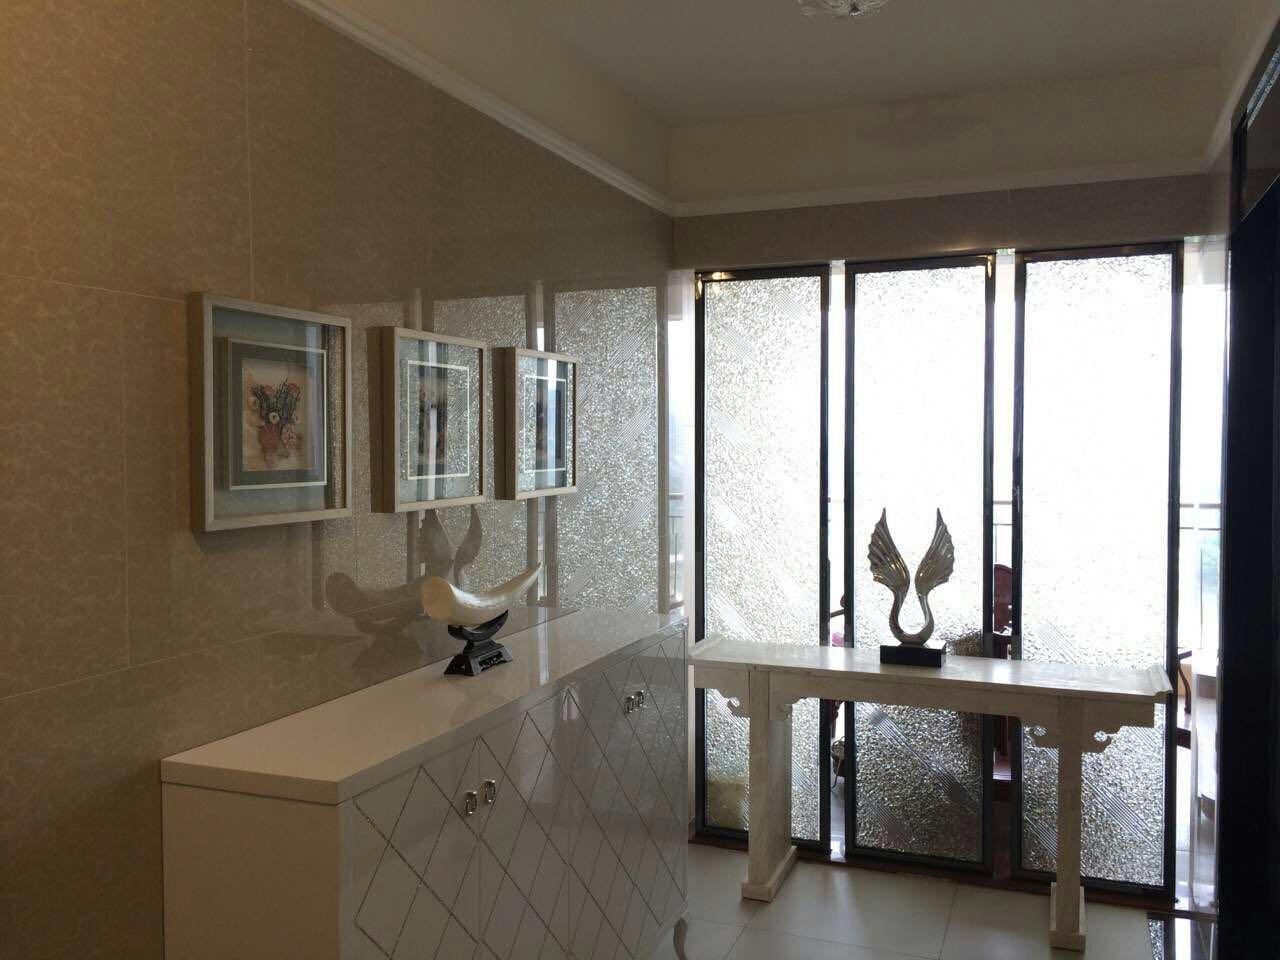 欧式 旧房改造 80后 玄关图片来自fy2365951033在欧式住宅空间的分享